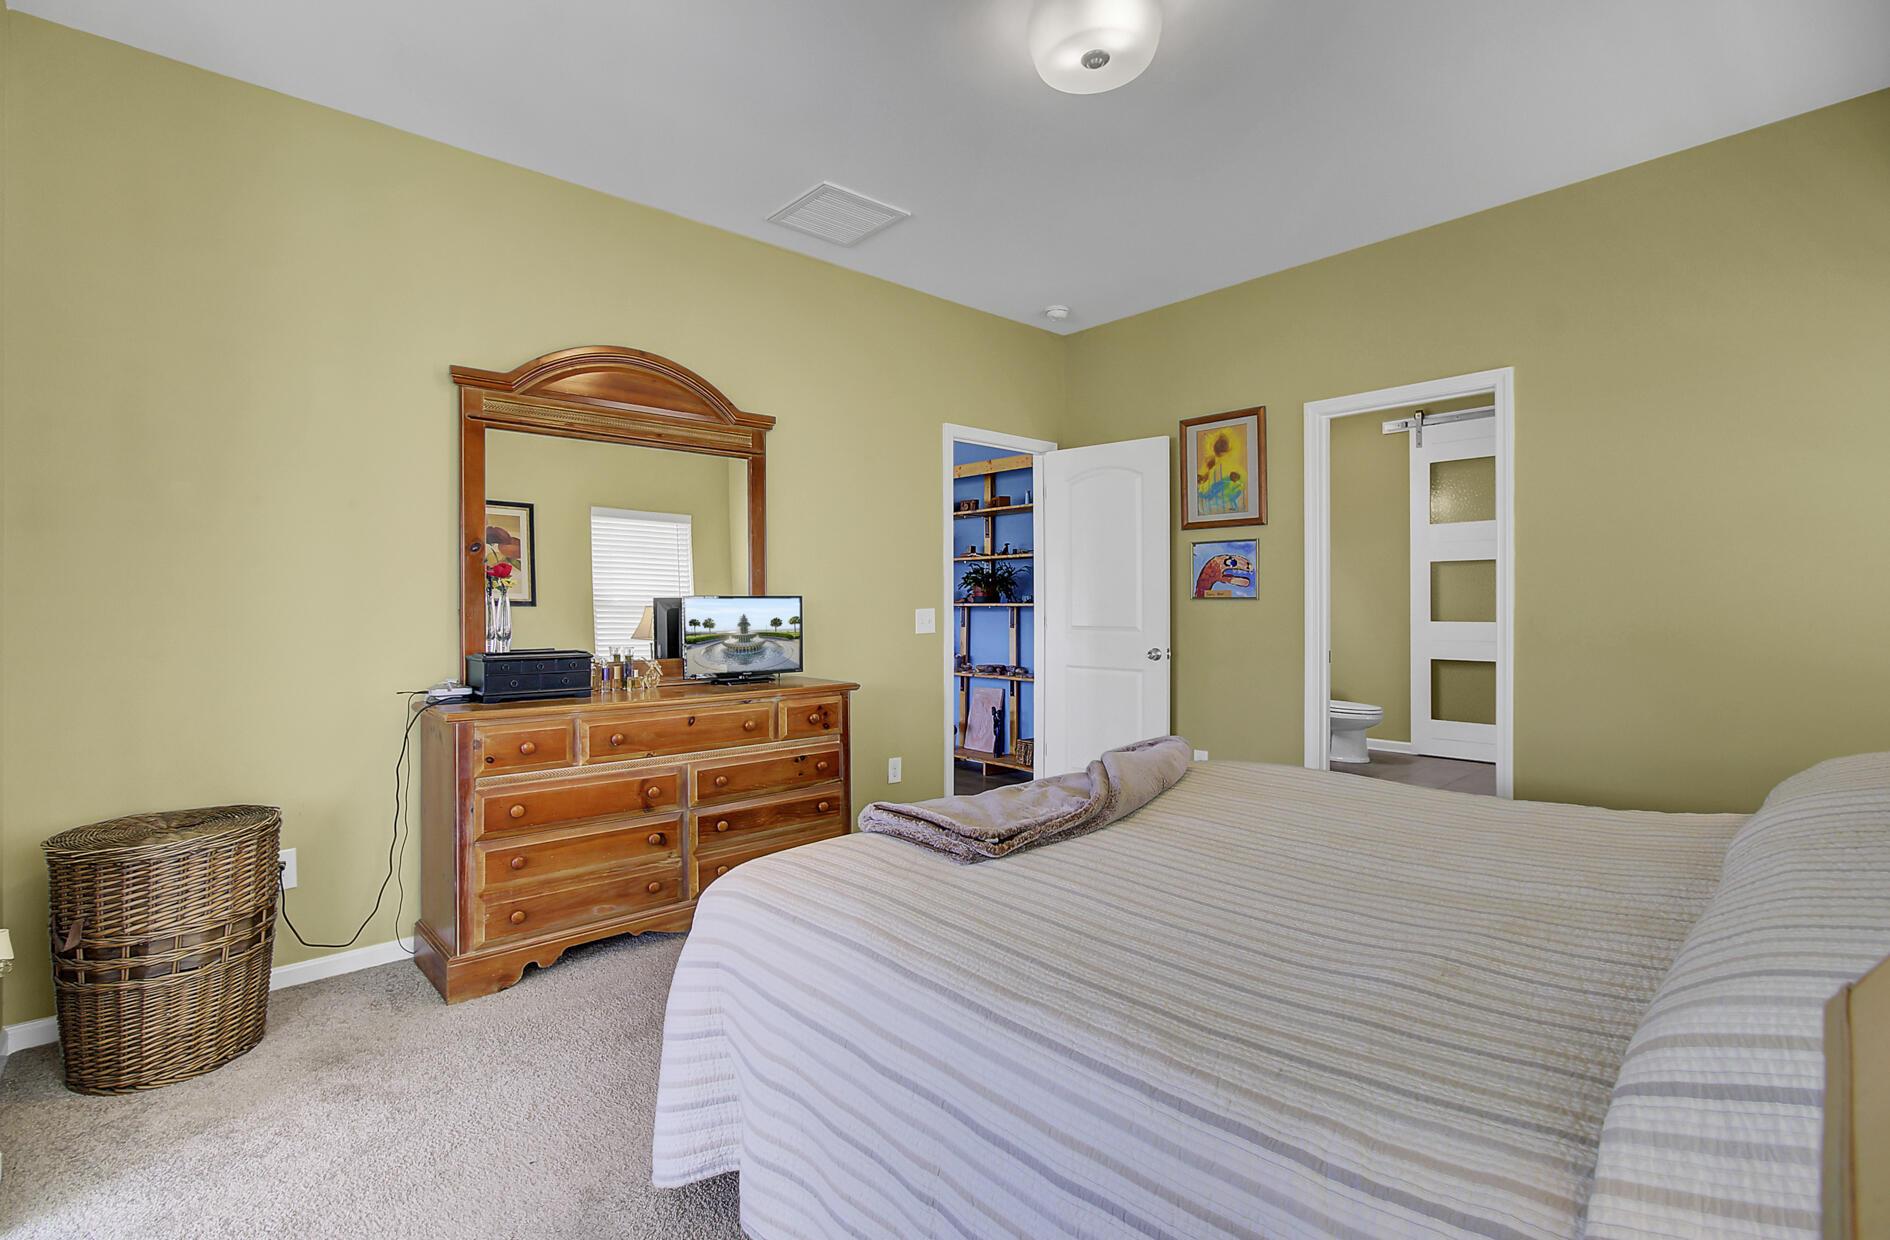 North Creek Village Homes For Sale - 384 Dunlin, Summerville, SC - 36